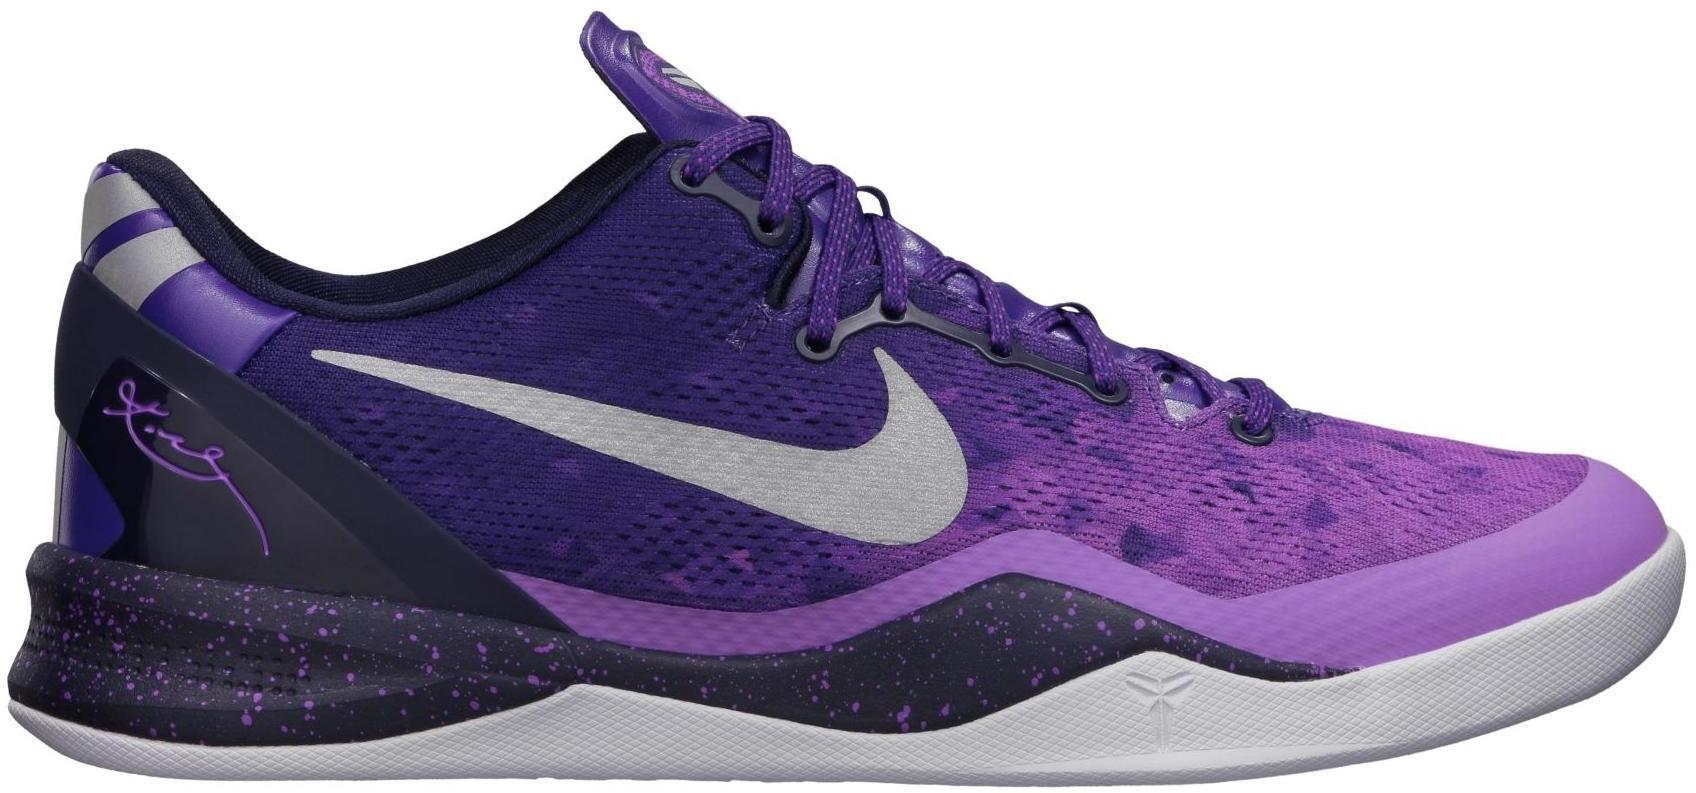 Kobe 8 Playoffs Purple Platinum